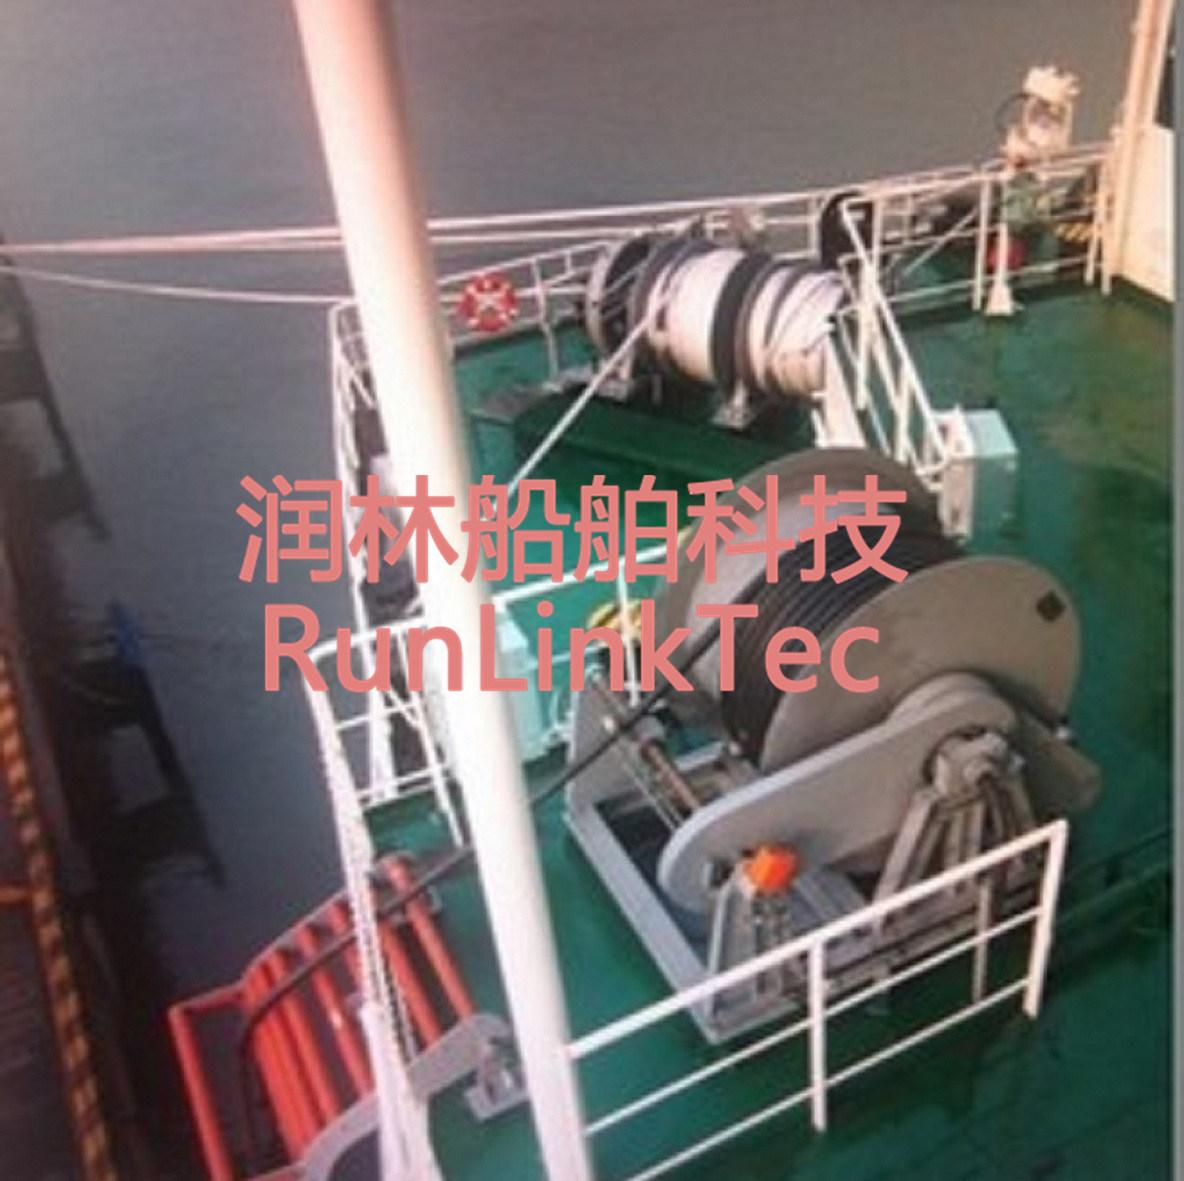 Winch/Hydraulic/Electric/Handle/Deck/Marine